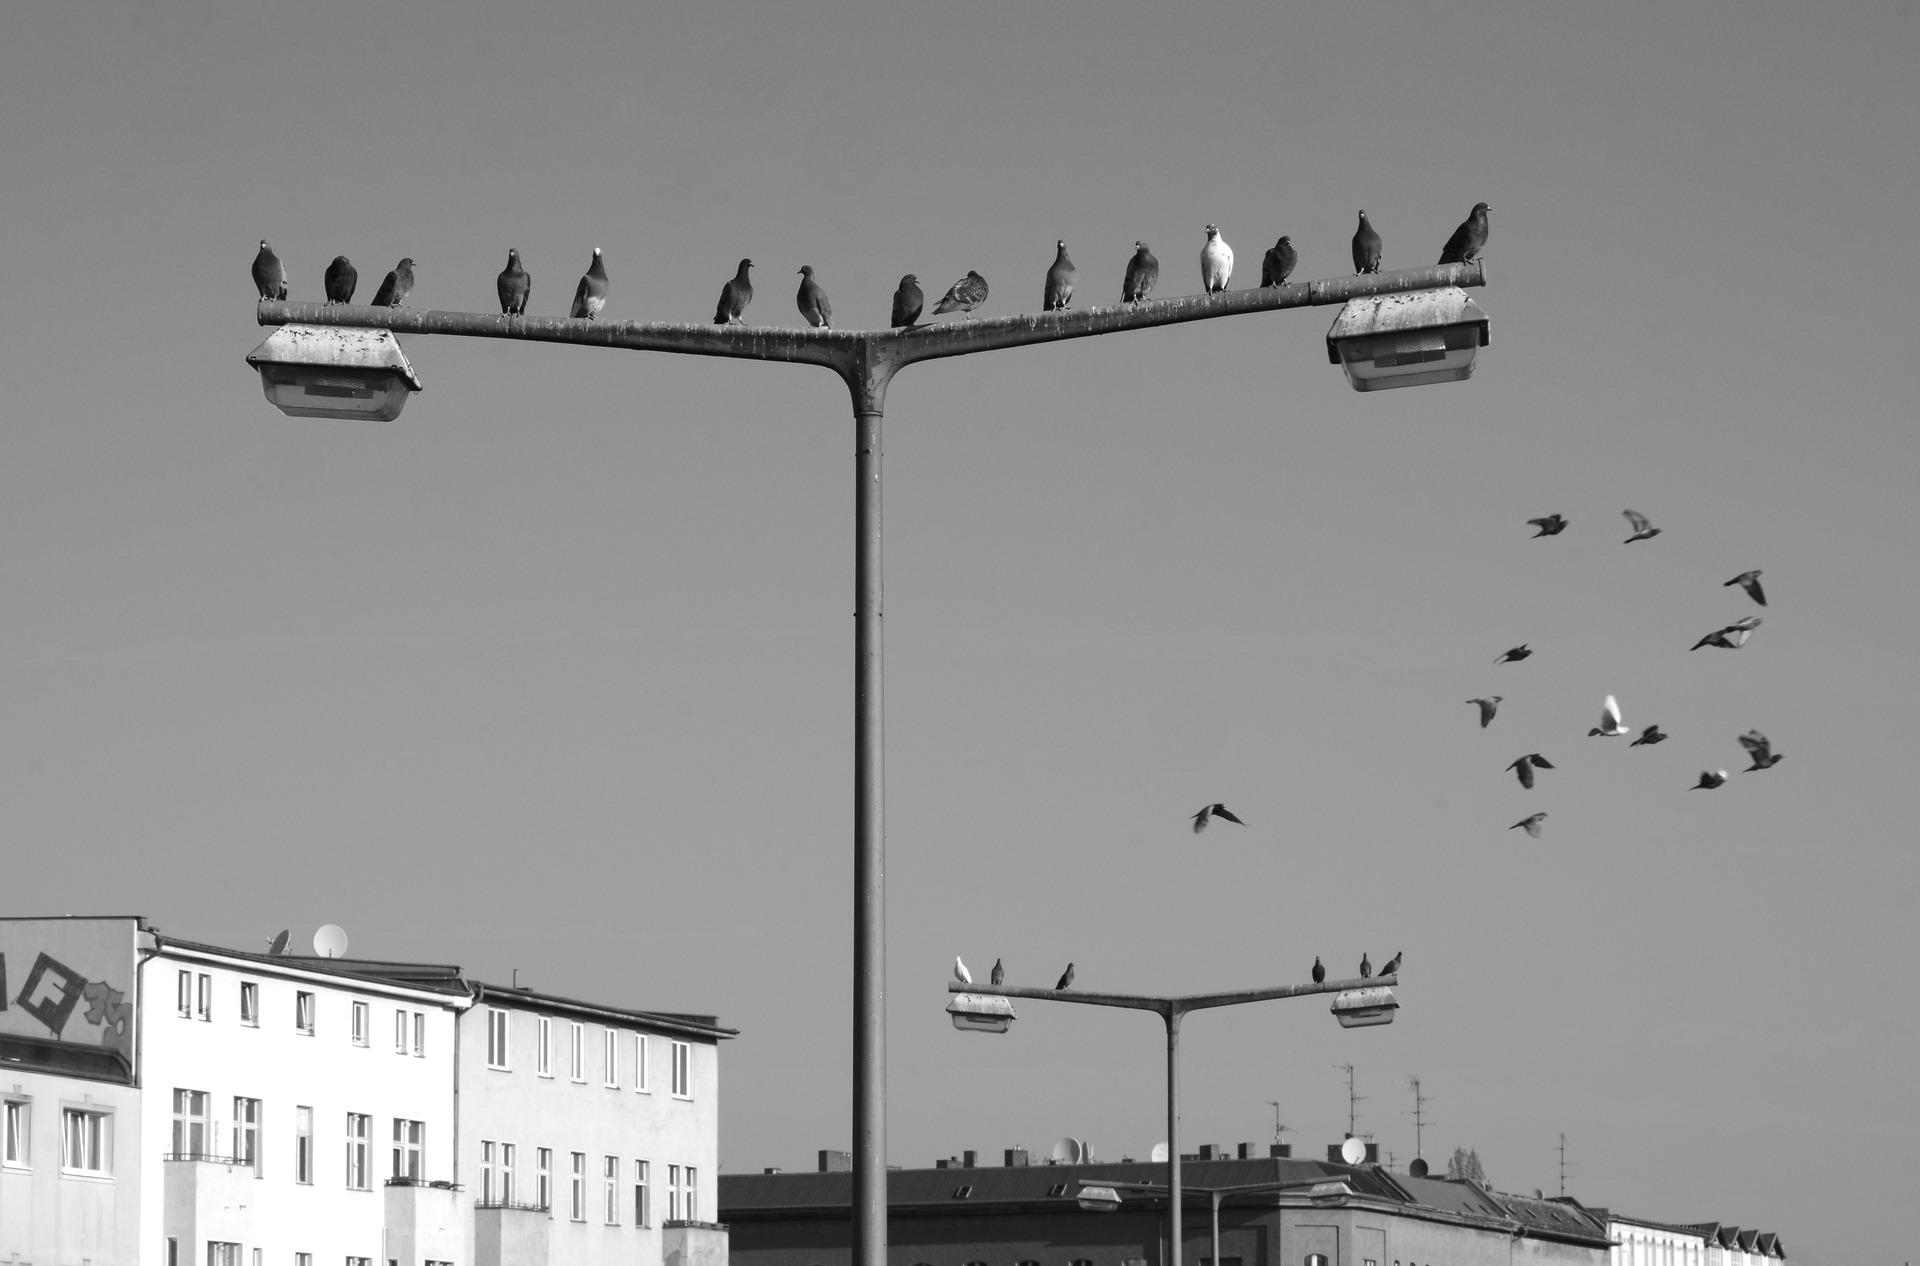 北京上空禁飛鴿子 美國民眾怎麼說